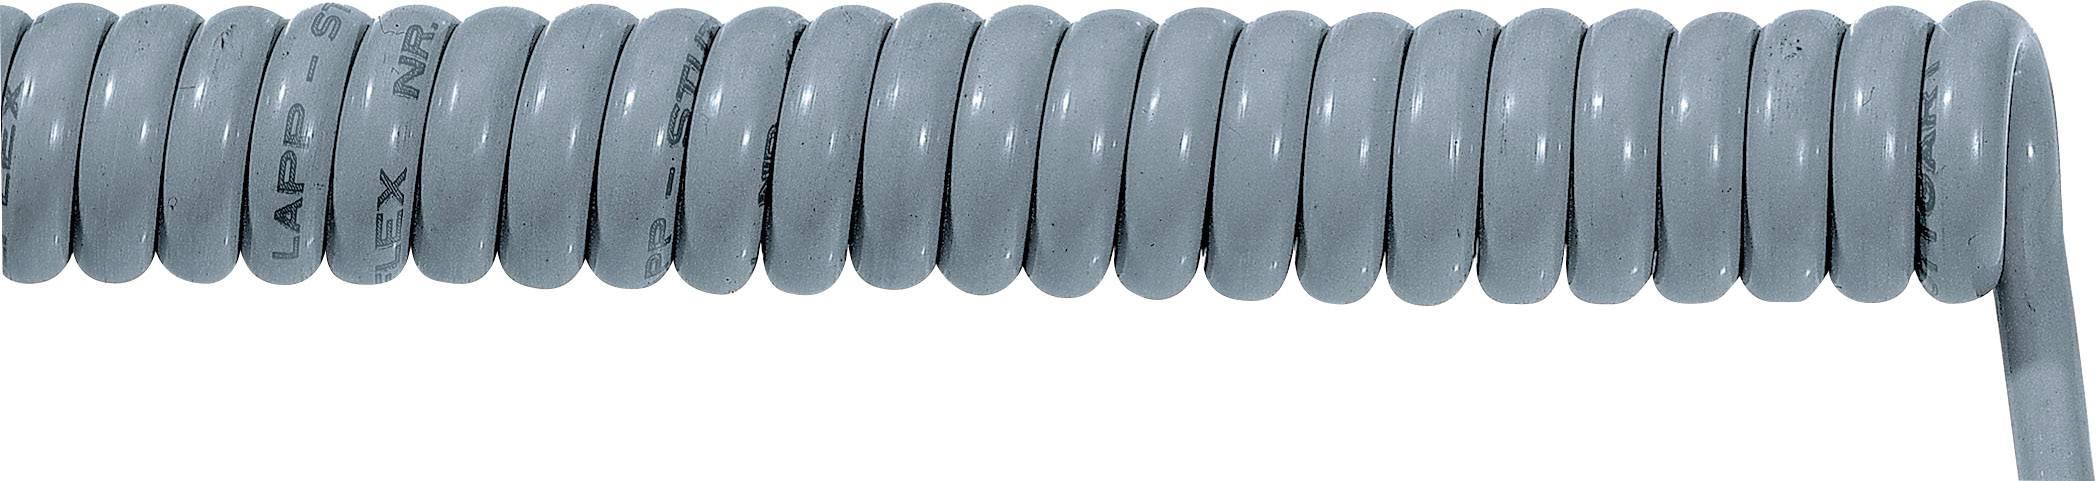 Špirálový kábel 70002735 ÖLFLEX® SPIRAL 400 P 18 x 0.75 mm², 1000 mm / 3000 mm, sivá